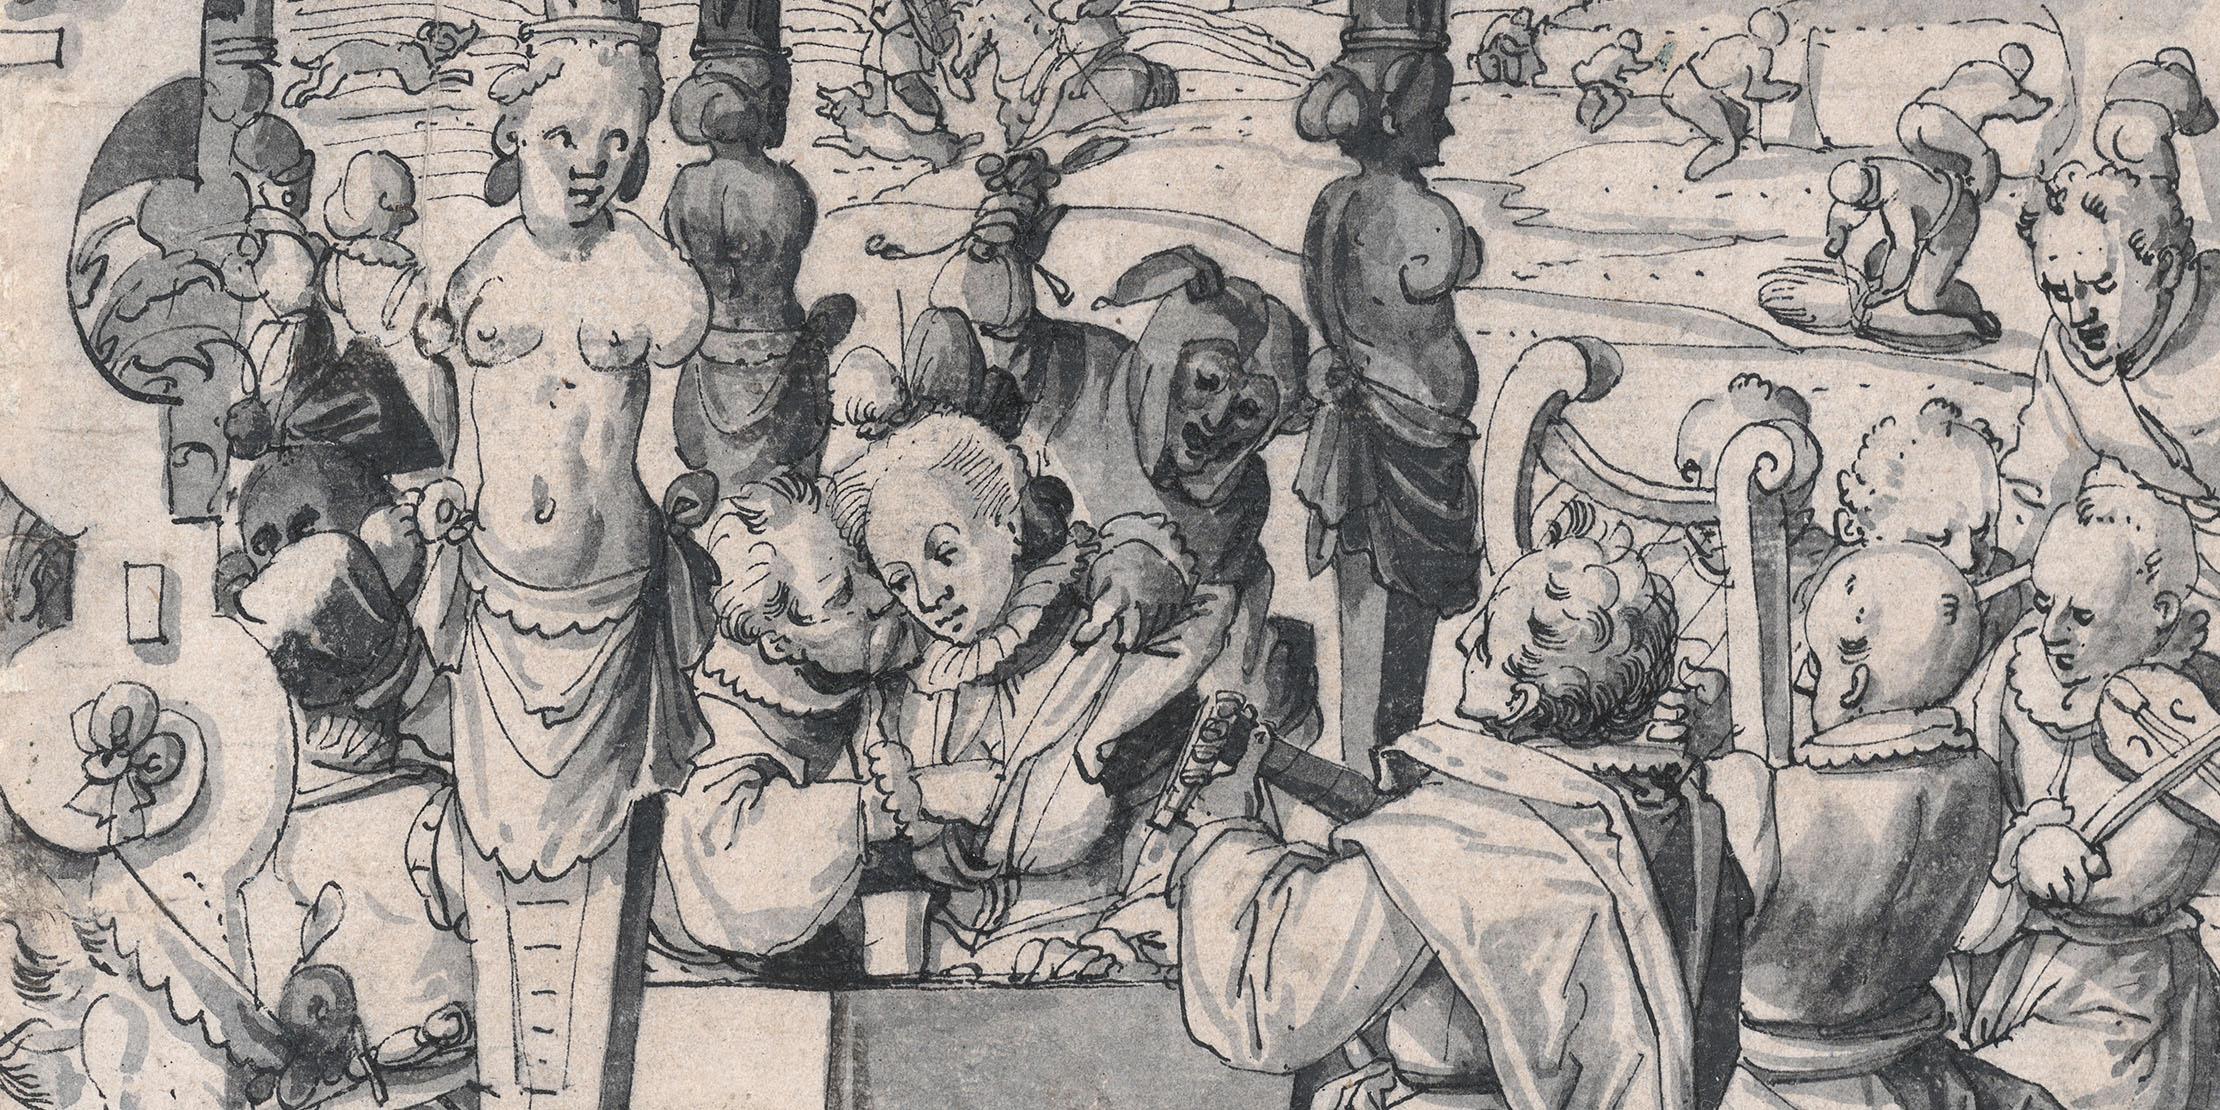 Viele der Scheibenrisse erzählen ganze Geschichten, wie das Bild «Der verlorene Sohn verprasst sein Erbe» des Zürcher Künstlers Christoph Murer, datiert 1589 (Ausschnitt).